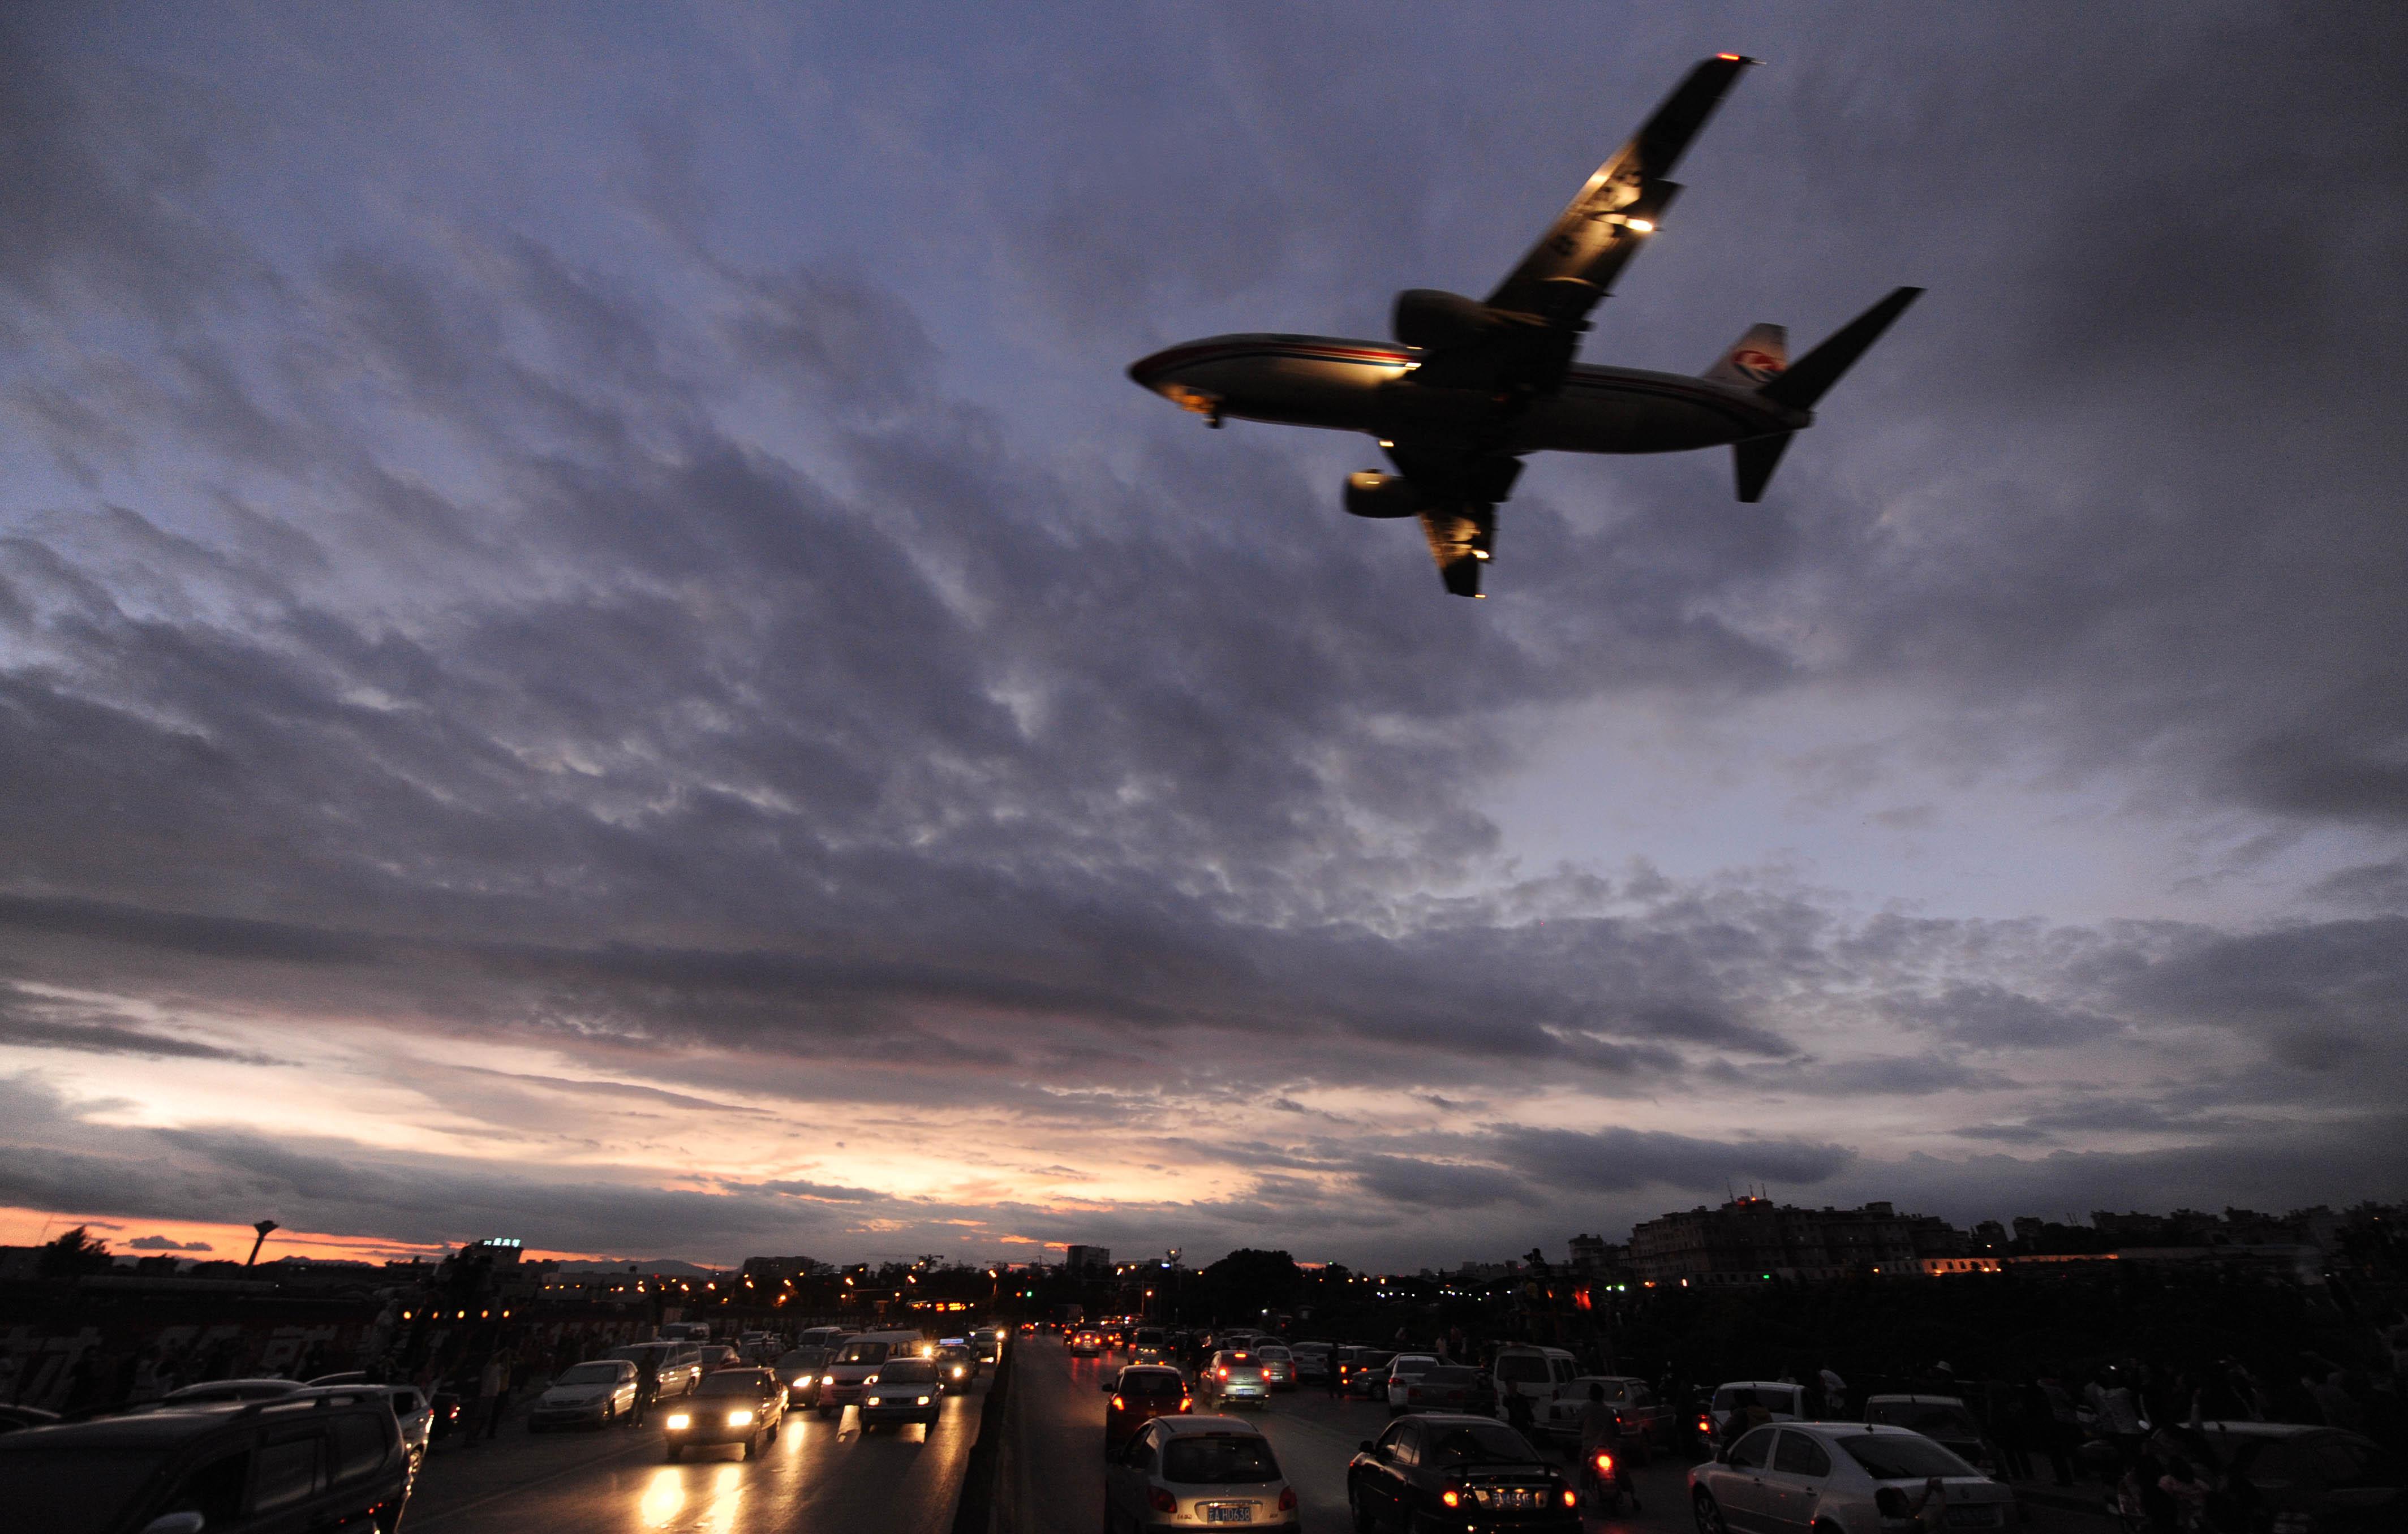 这趟航班从巴黎飞杭州,经停西安,从巴黎到西安的飞行时间就要17个小时左右,而这17个小时里,飞机经济舱内近200位旅客,只能靠两个厕所来解决内急。 起飞后不到一小时, 经济舱5个厕所3个罢工 昨天早上8点多,网友zoey爆料:自己乘坐的从巴黎飞往杭州的航班,起飞后不过两三个小时,就因为乘客往马桶内丢纸造成堵塞,经济舱内5个厕所罢工了3个。剩下两个不得不加班加点超负荷工作,一路上基本没缺过人。 事后,记者联系上了这名网友,她姓王,国庆节连上年休假,去欧洲玩,没想到刚度完轻松假期,回家的旅途中提前被